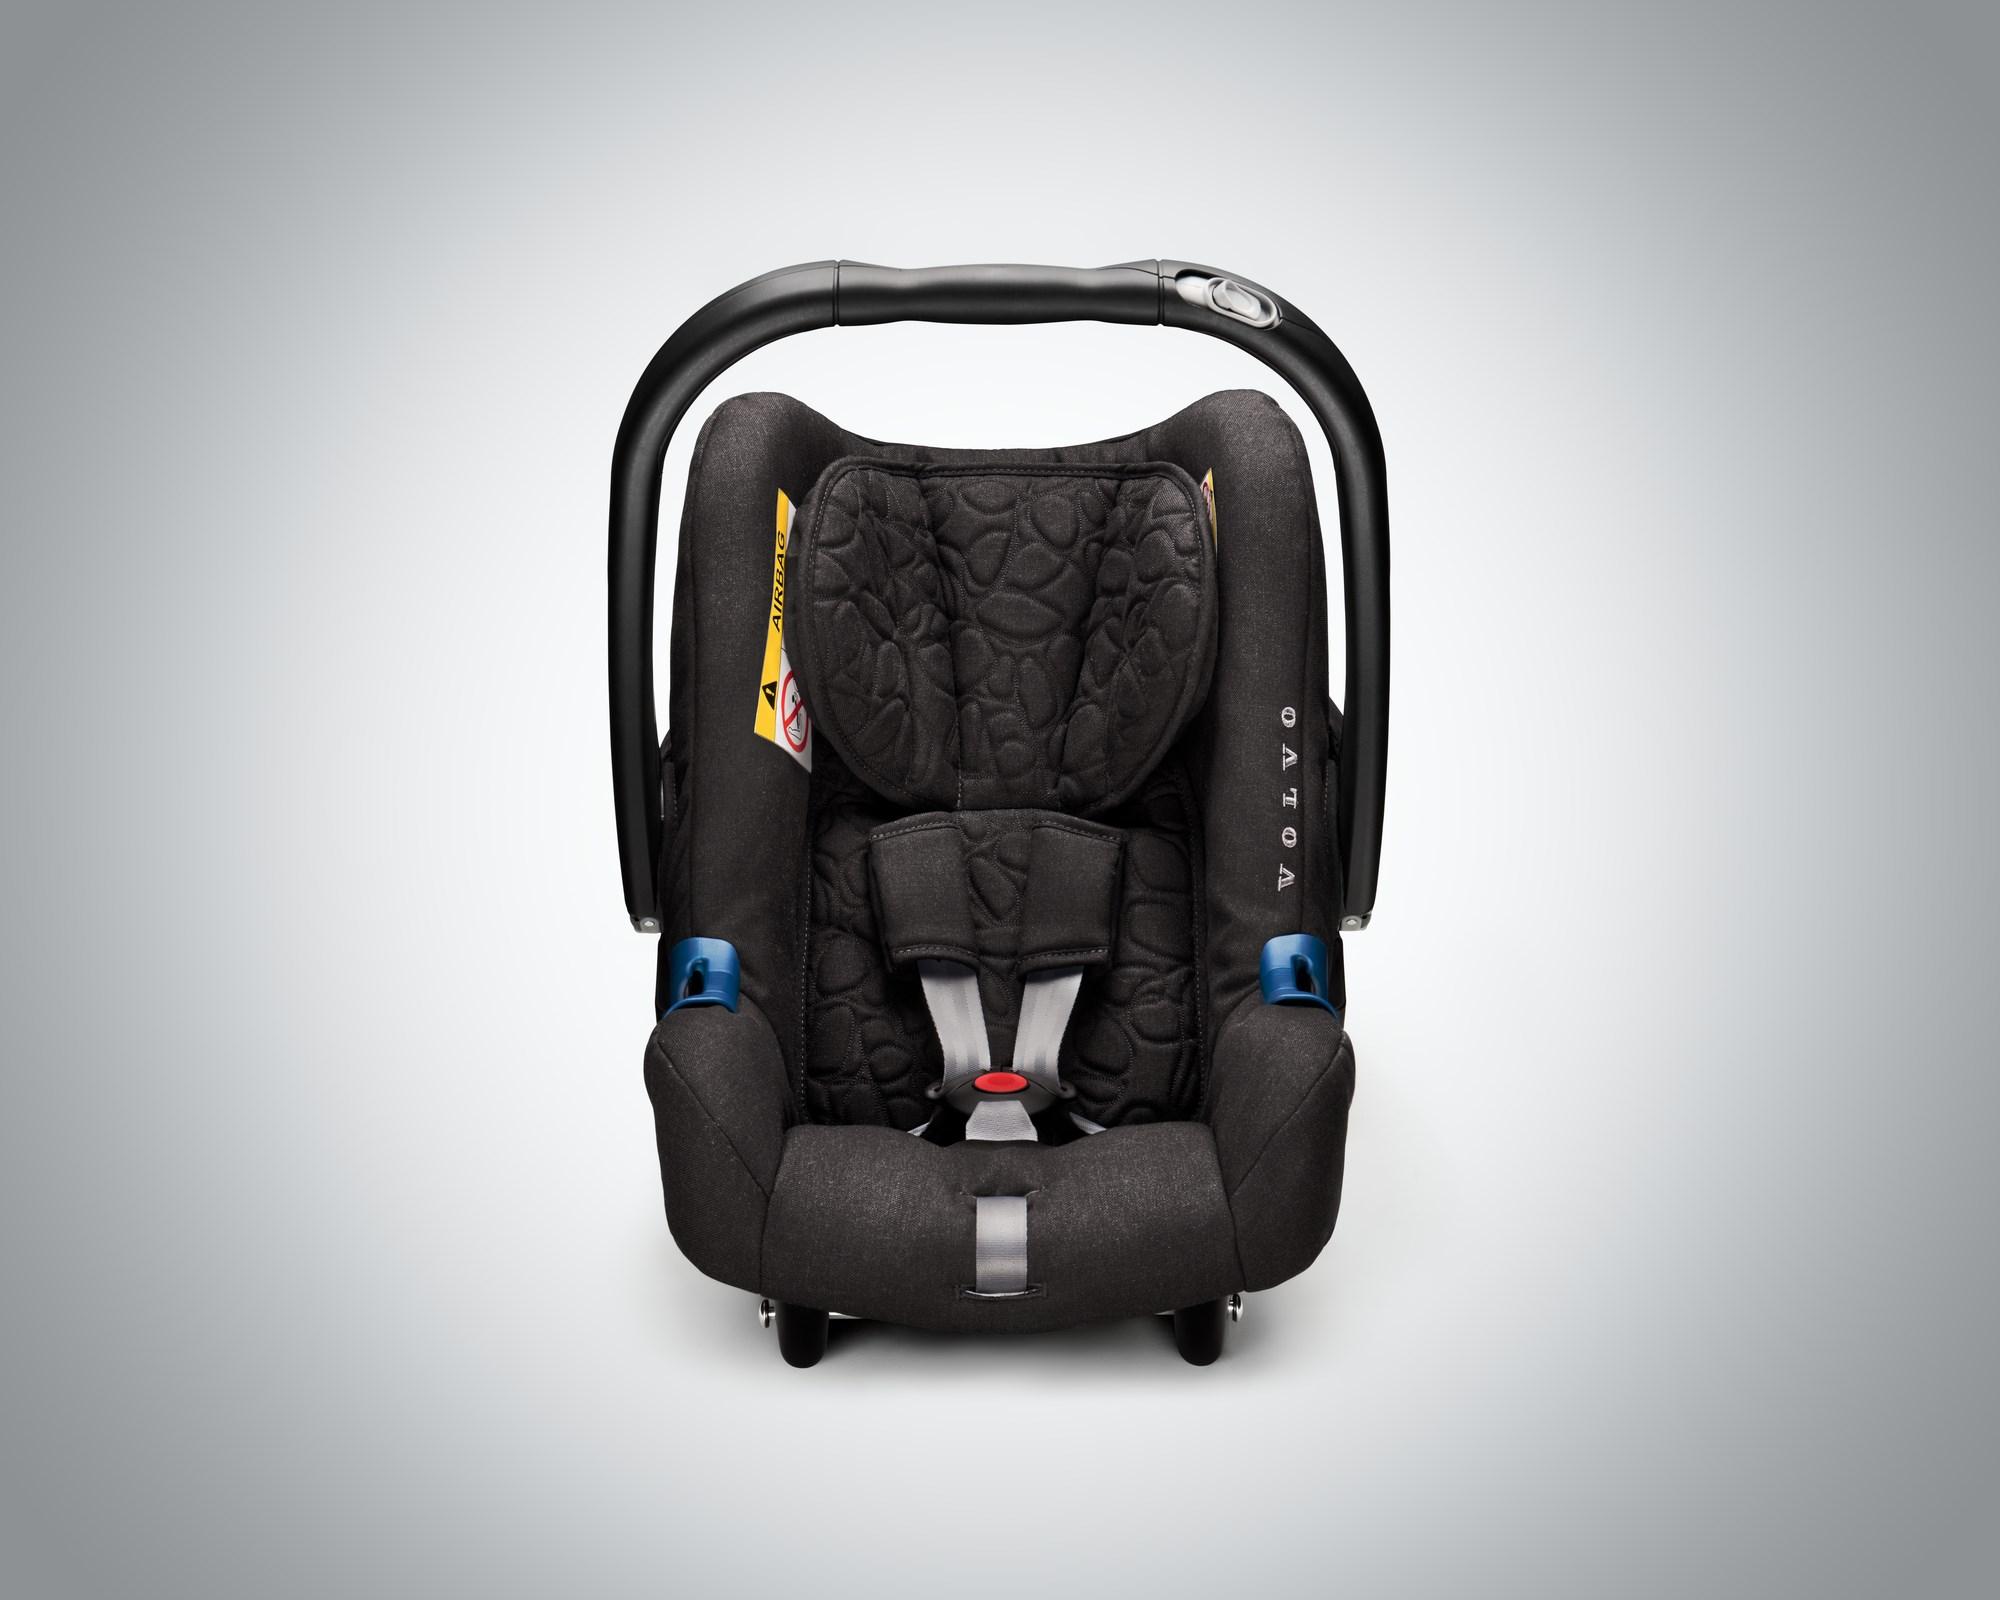 「3〜4歳までは「後ろ向き」に座らせる必要がある!? ボルボが新しいチャイルドシートを発売」の3枚目の画像